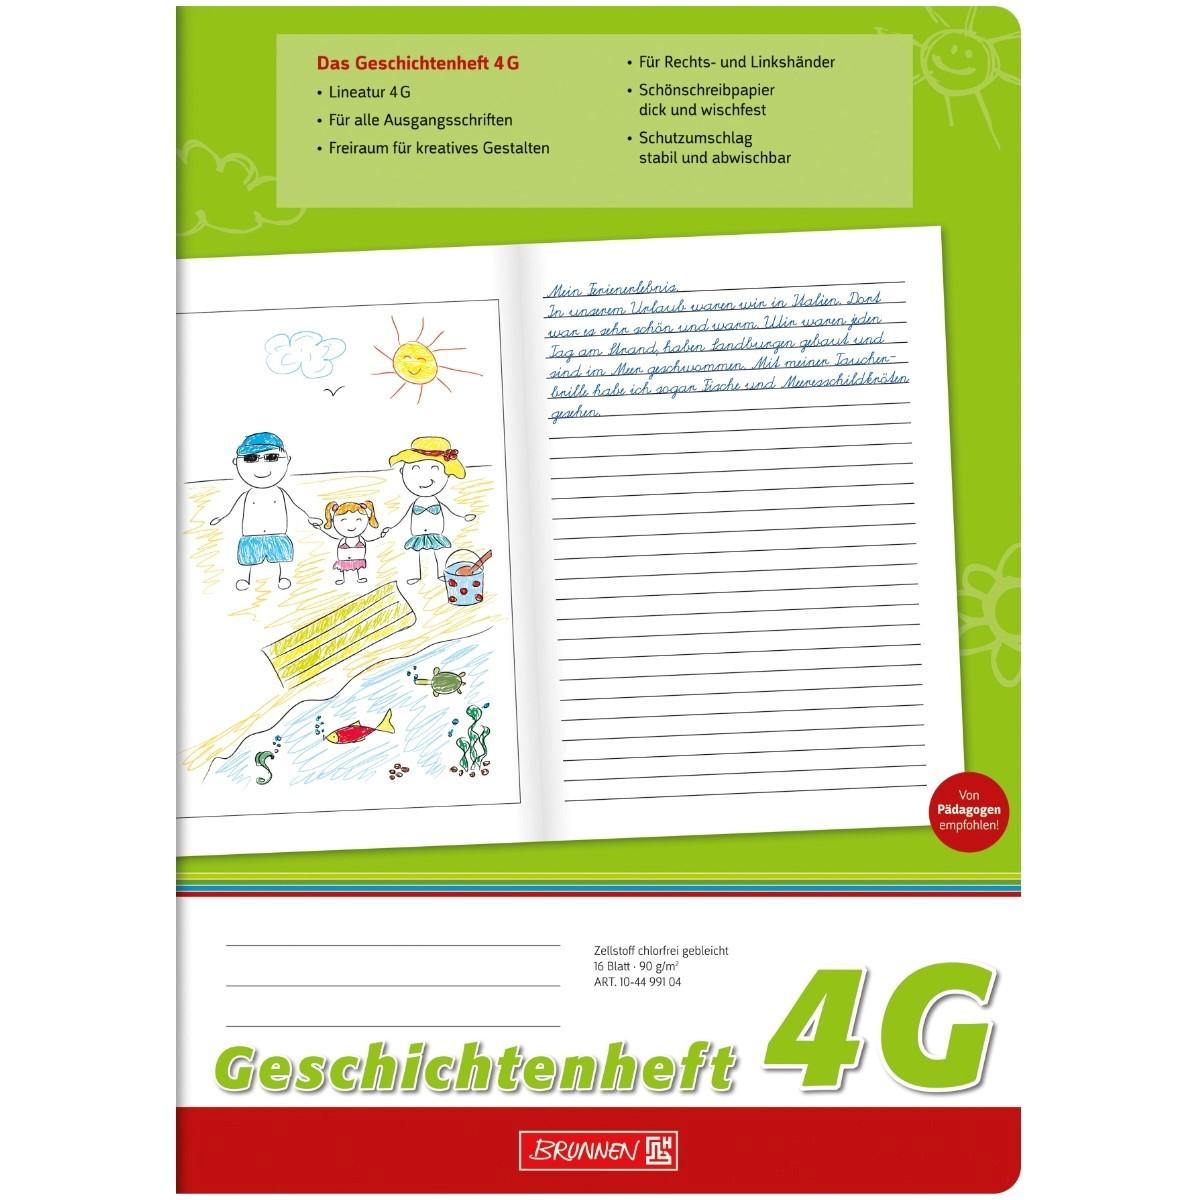 10-44 991 04 A4,LIneatur 4G Brunnen Geschichtenheft